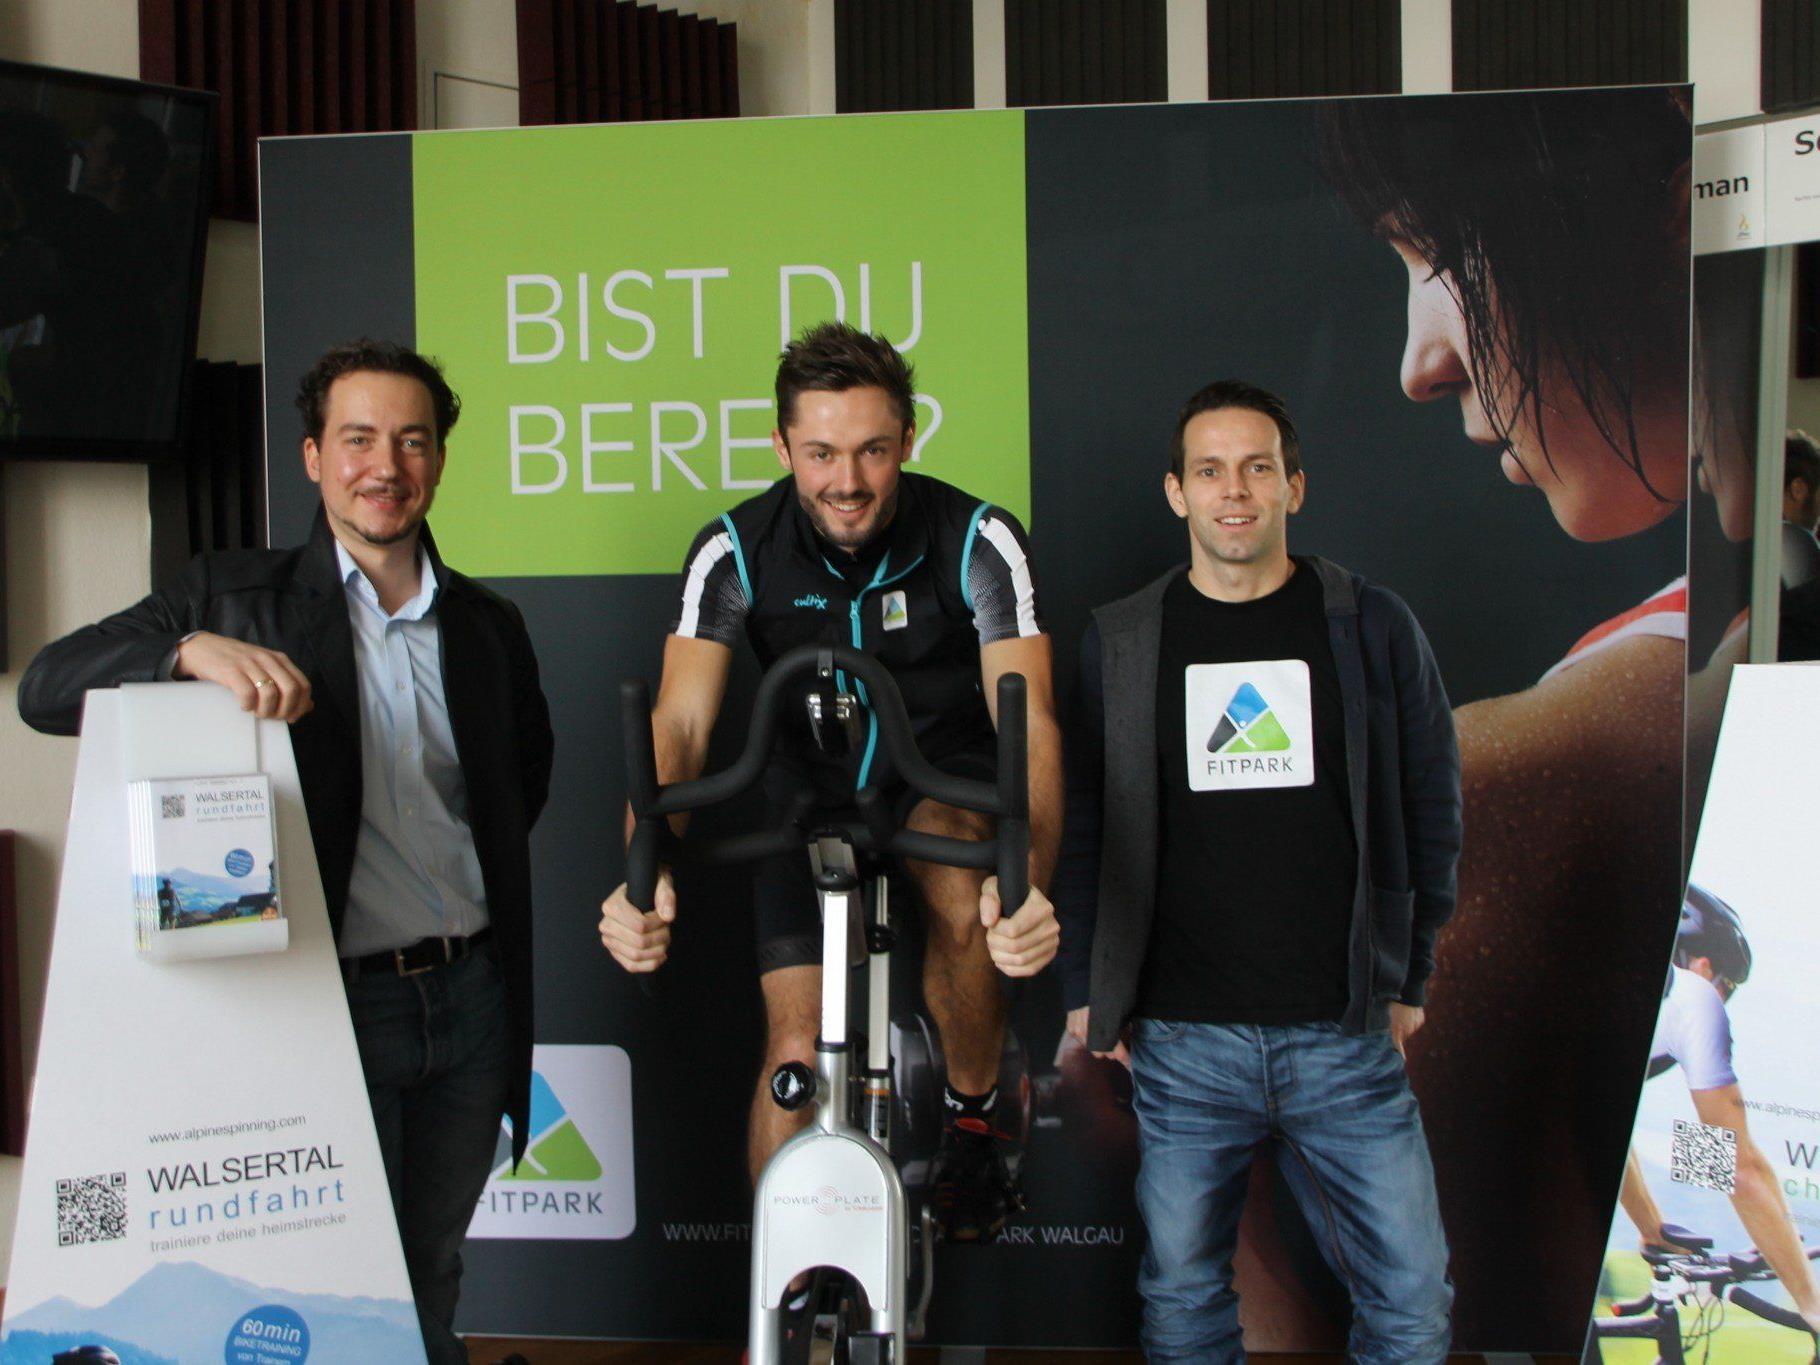 David Böckle, Thomas Mayer und Mike Zech machen virtuelles Radtraining im Walgau möglich.